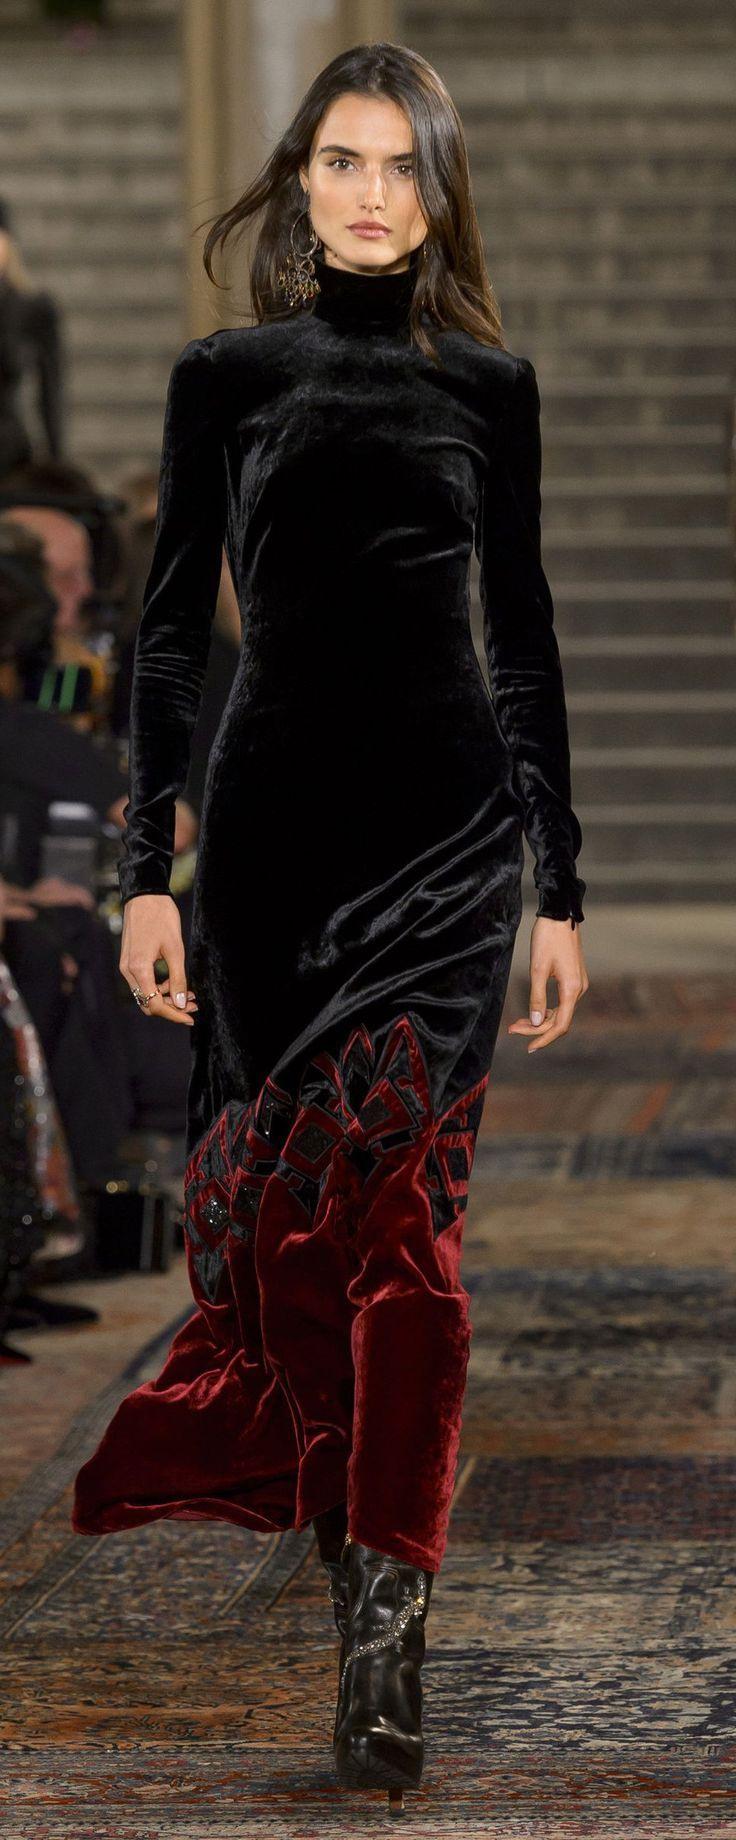 Designer Luxurius Abendkleider Ralph Lauren DesignAbend Genial Abendkleider Ralph Lauren für 2019